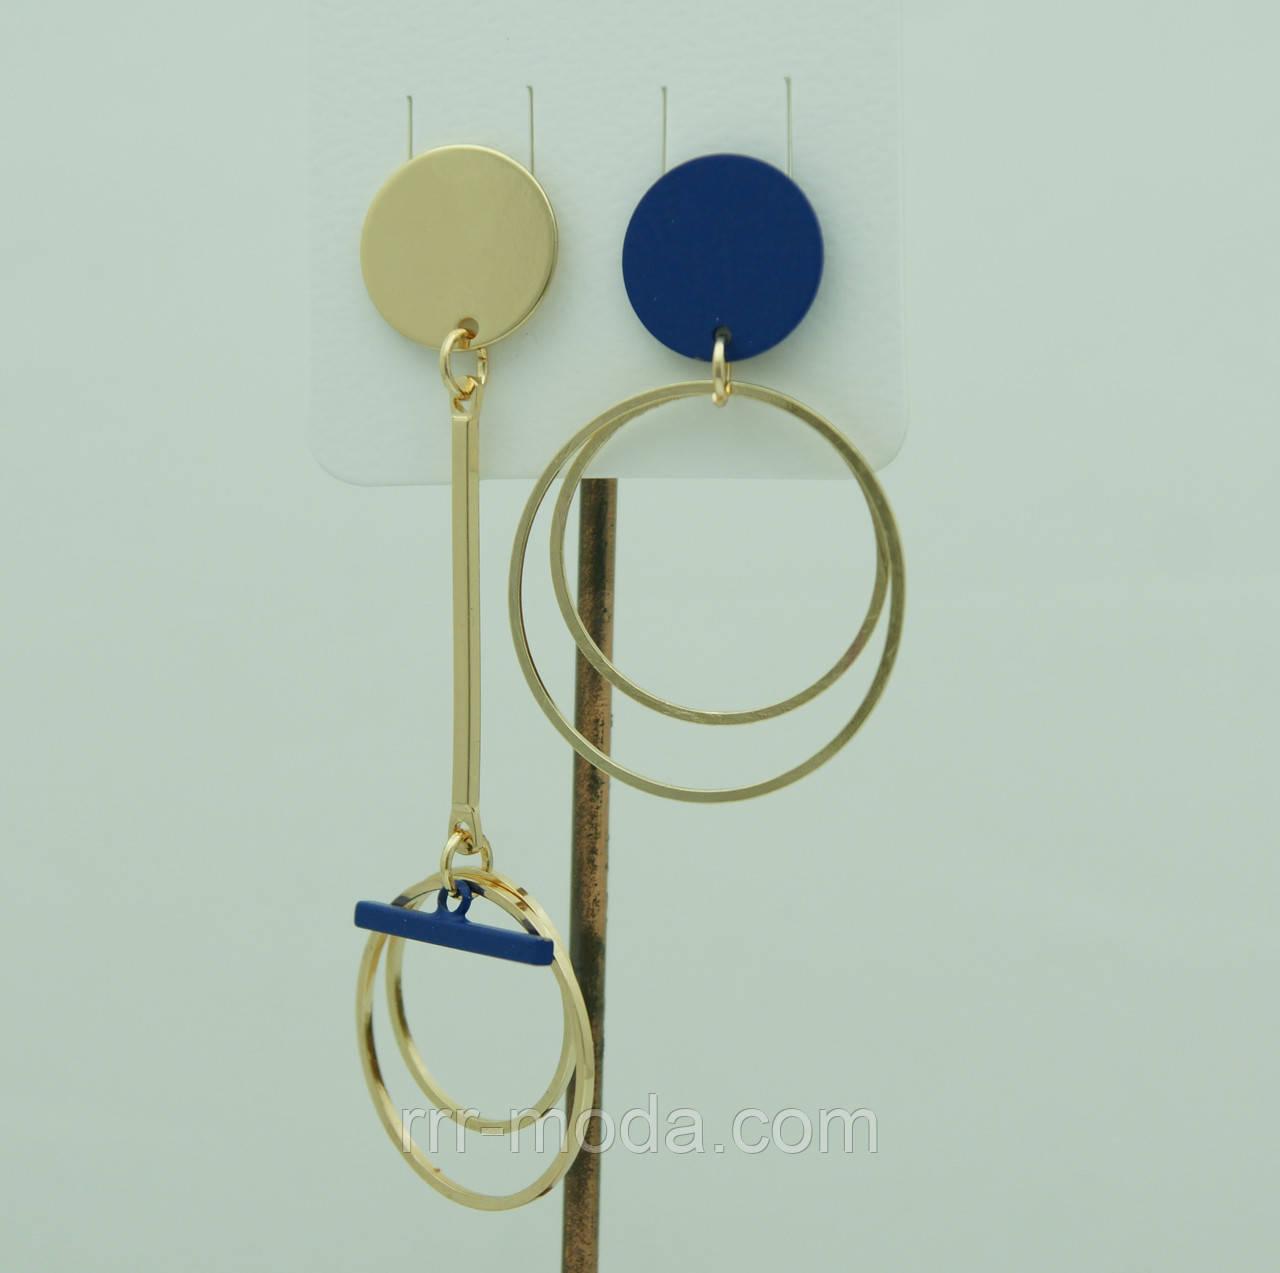 Асимметричная бижутерия - серьги. Синие асимметричные серьги для молодёжи 3033